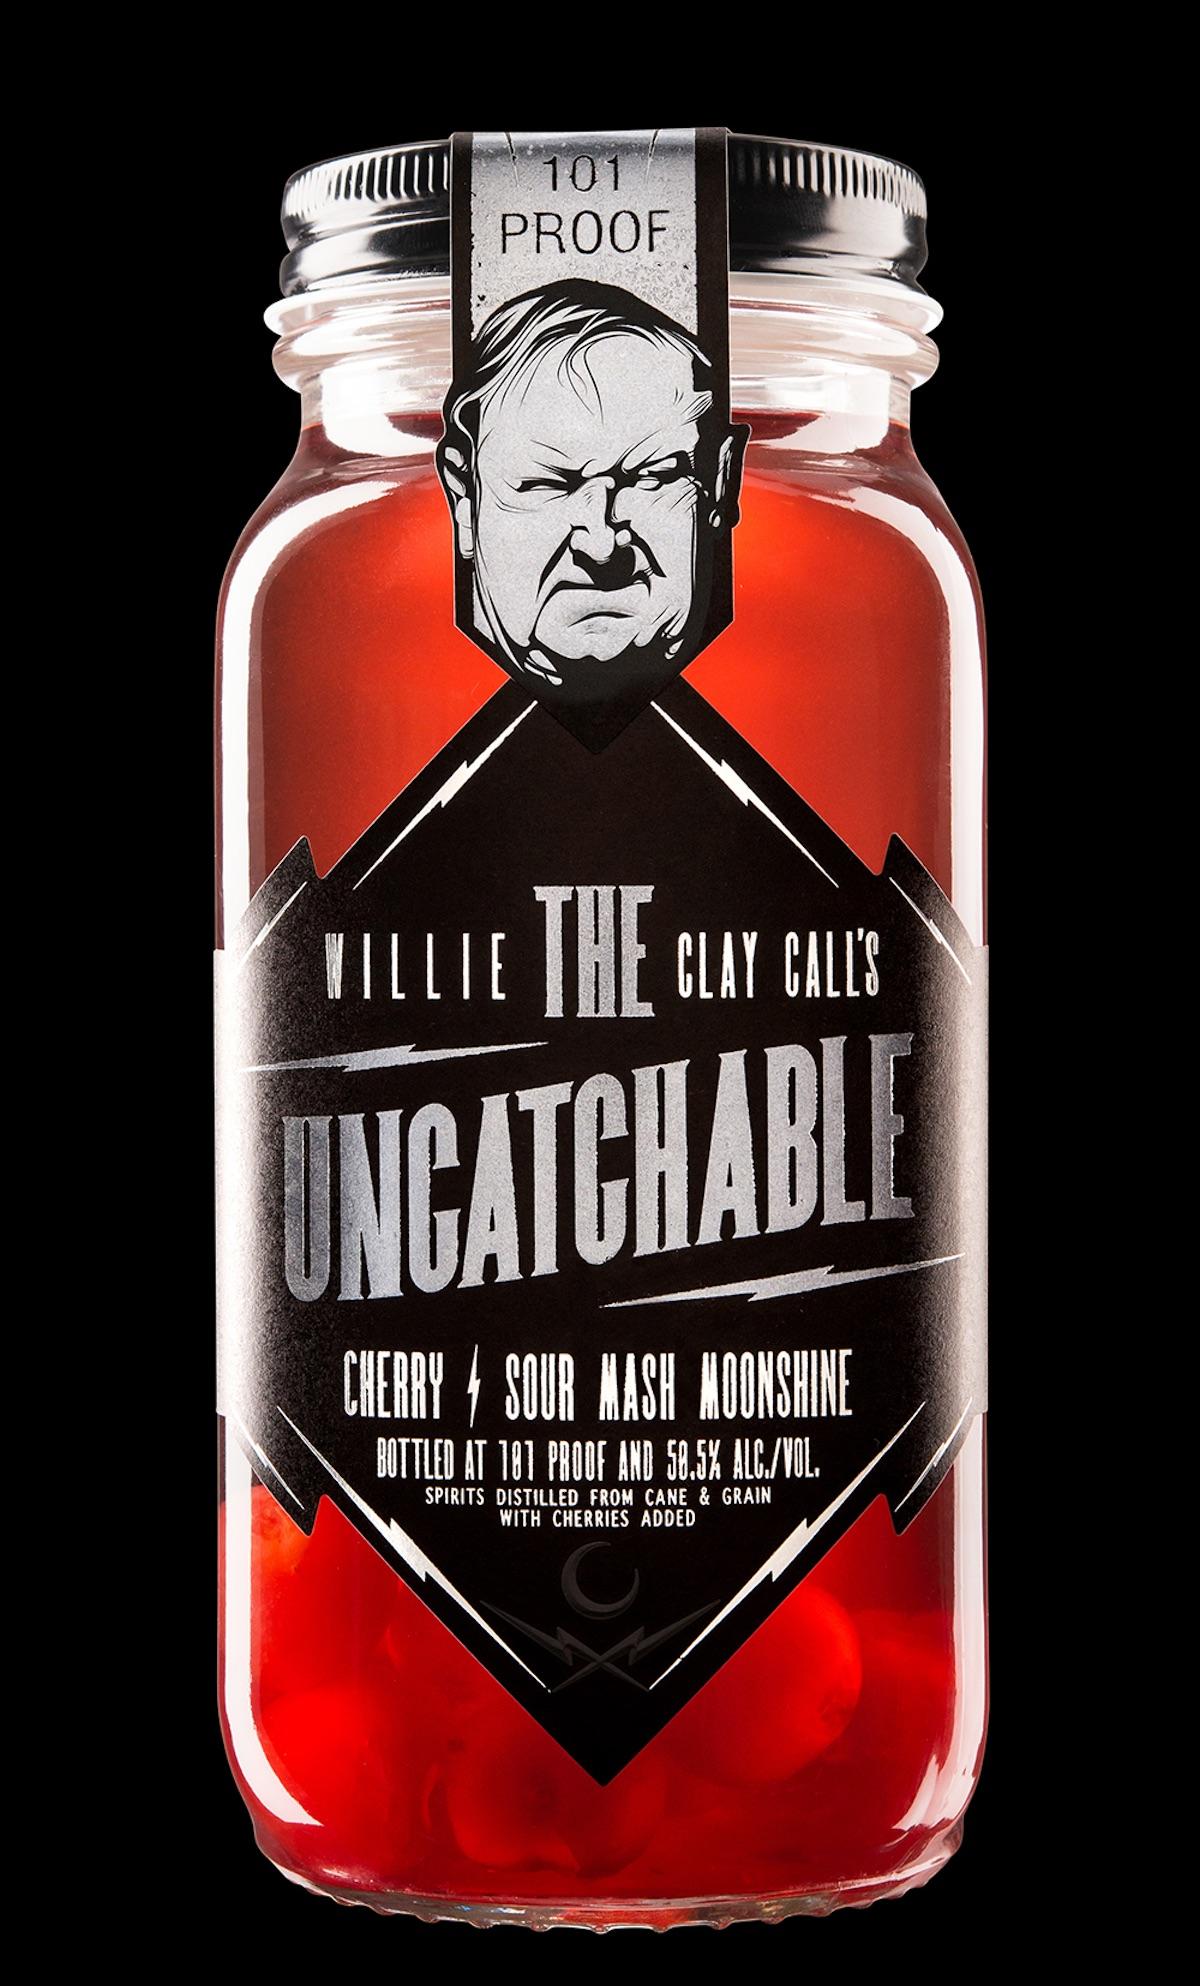 uncatchable moonshine label